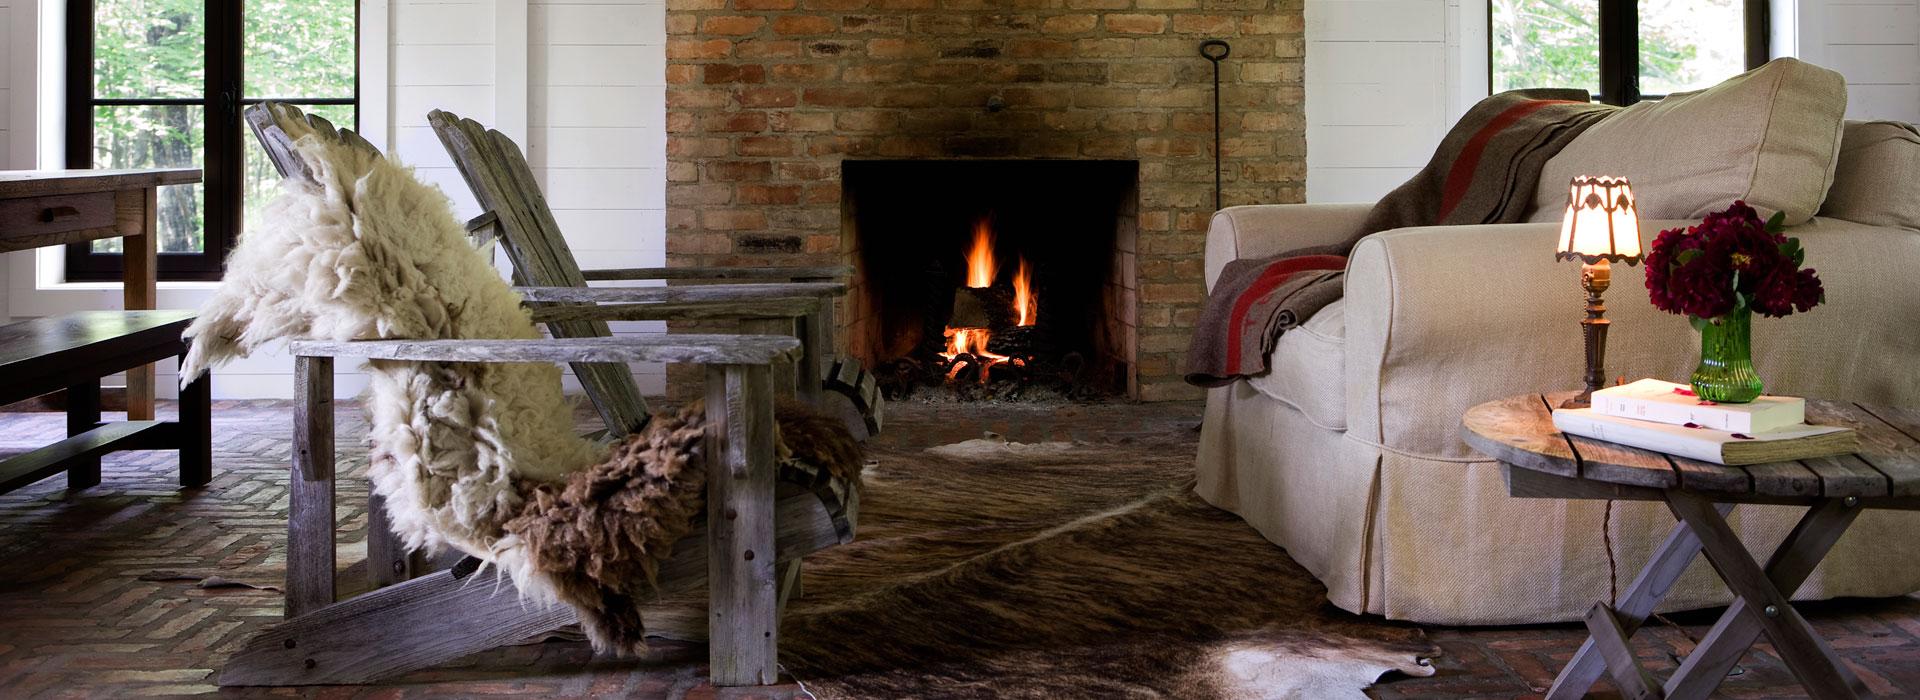 Galerie de maisons salon feu de foyer